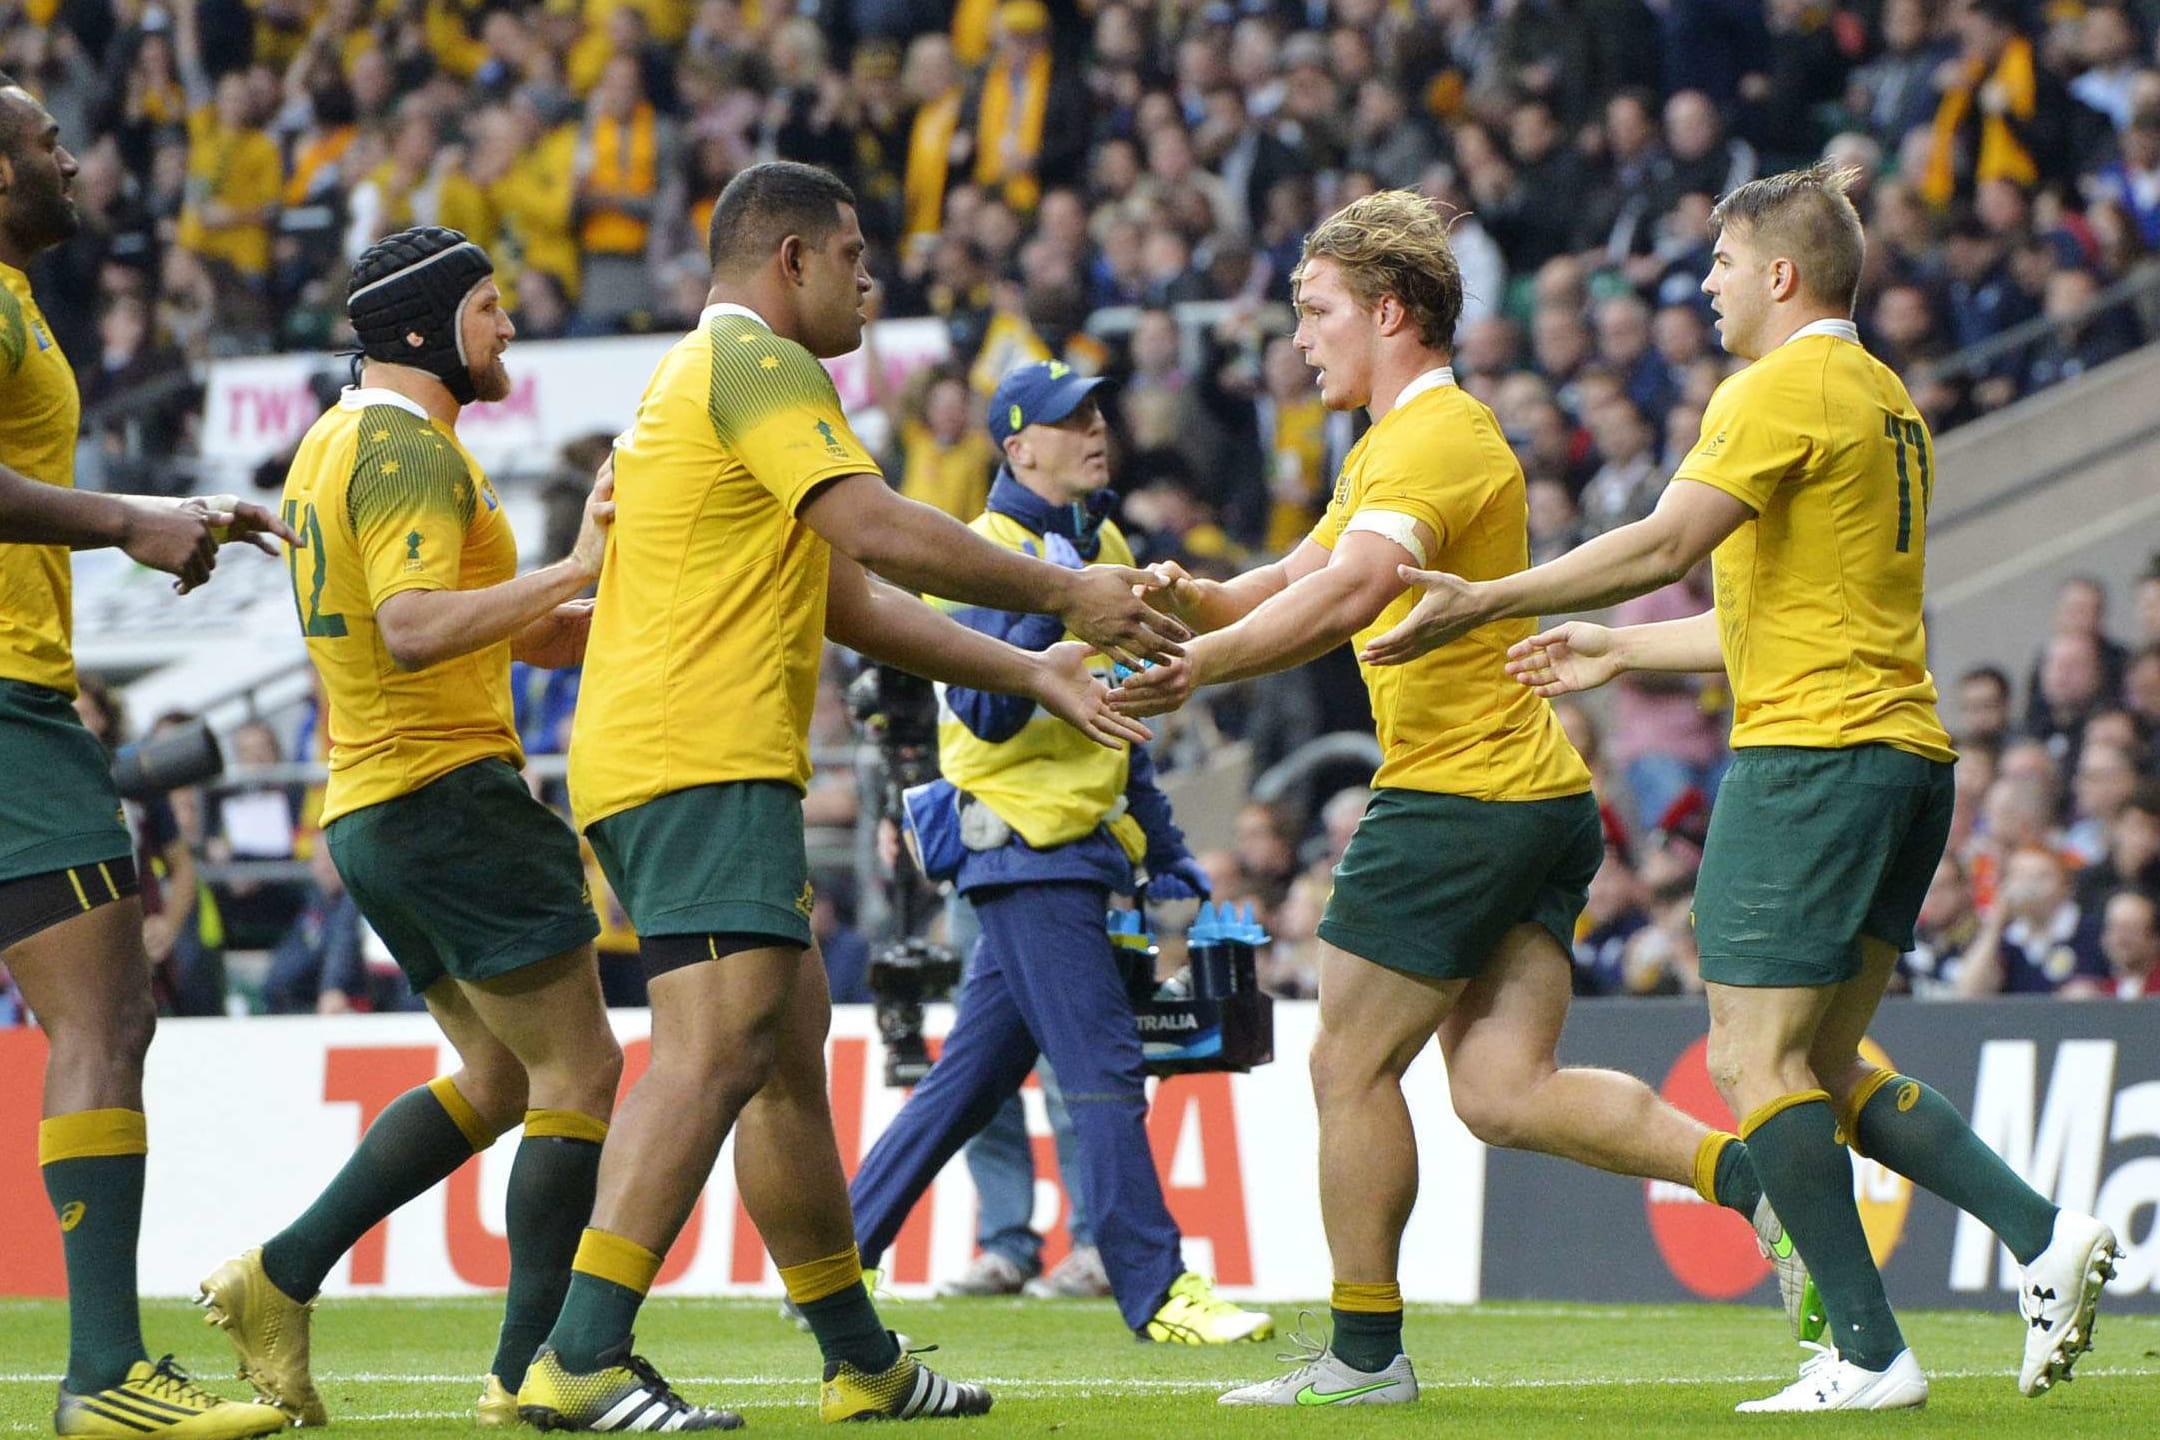 Coupe du monde de rugby 2015 le programme des demi - Classement coupe du monde de rugby ...